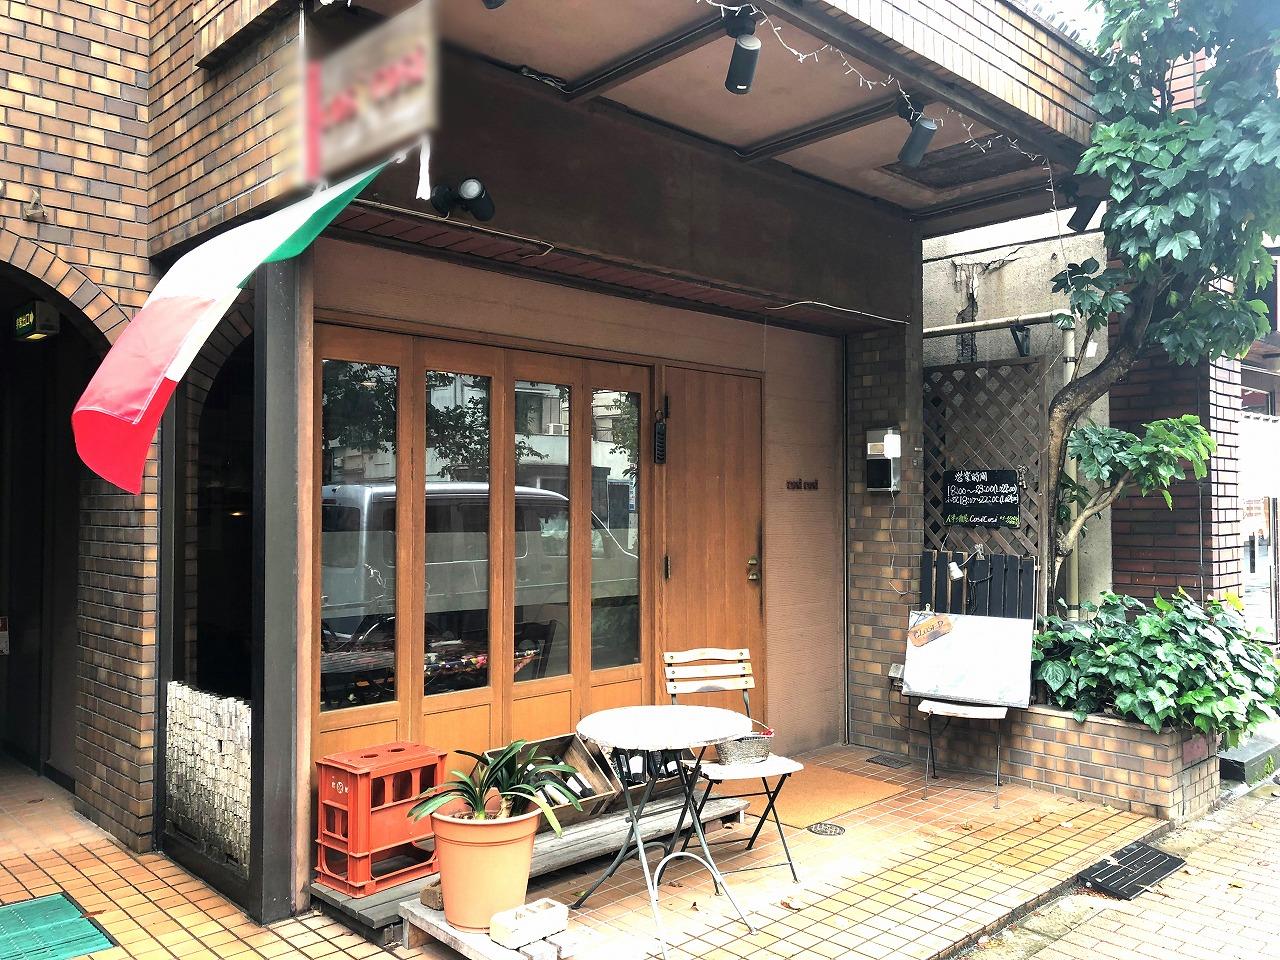 【桜台】女性一人でも気軽に入れる『ワイン場オキガル』を11月半ばにオープン予定!【イタリアンワインバル】